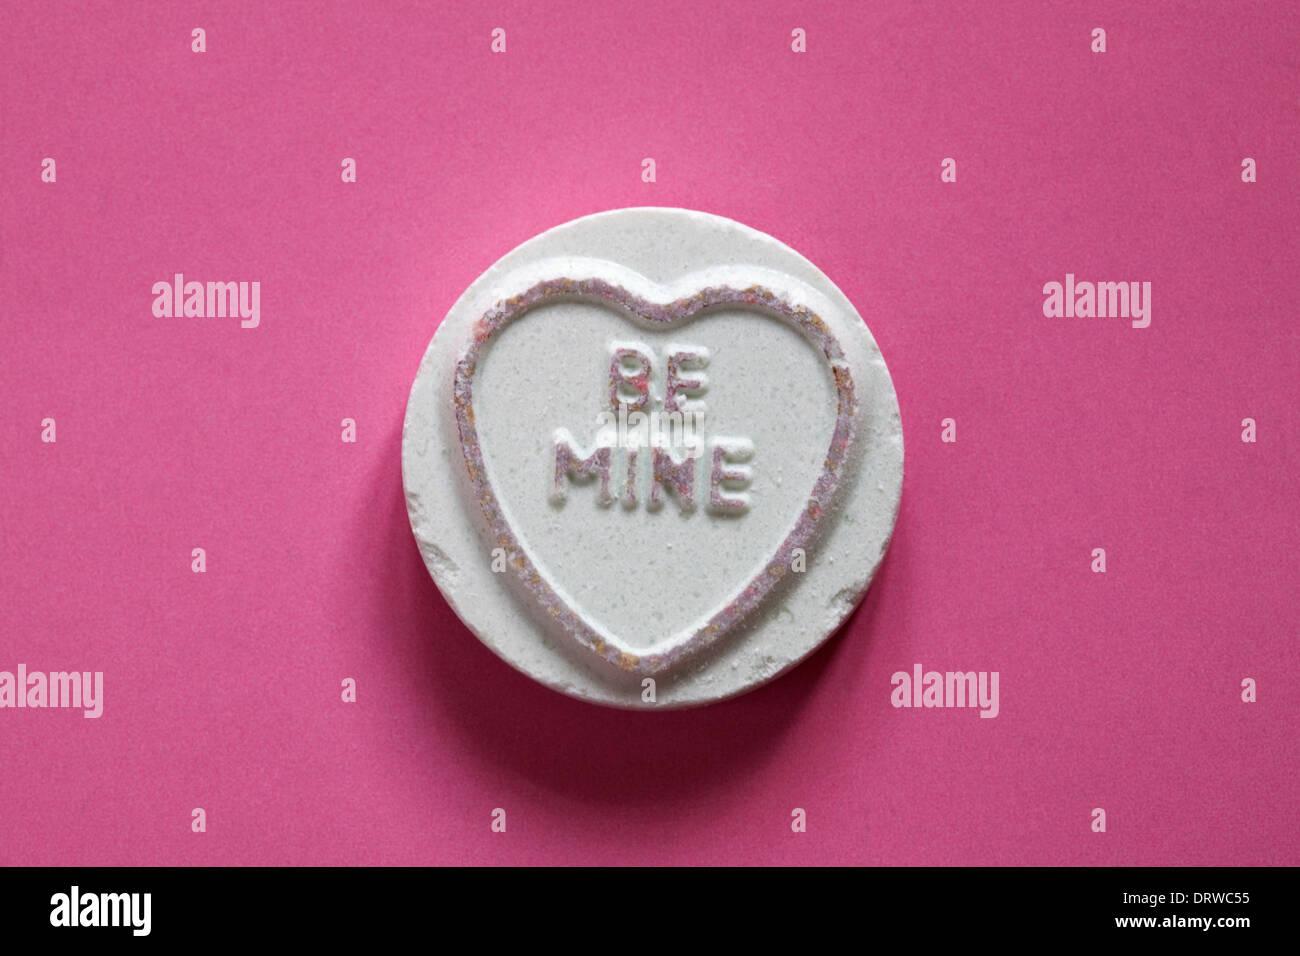 Swizzels Matlow Coeurs Amour géant - individu doux avec moi isolé sur fond rose - Valentine Day message Photo Stock